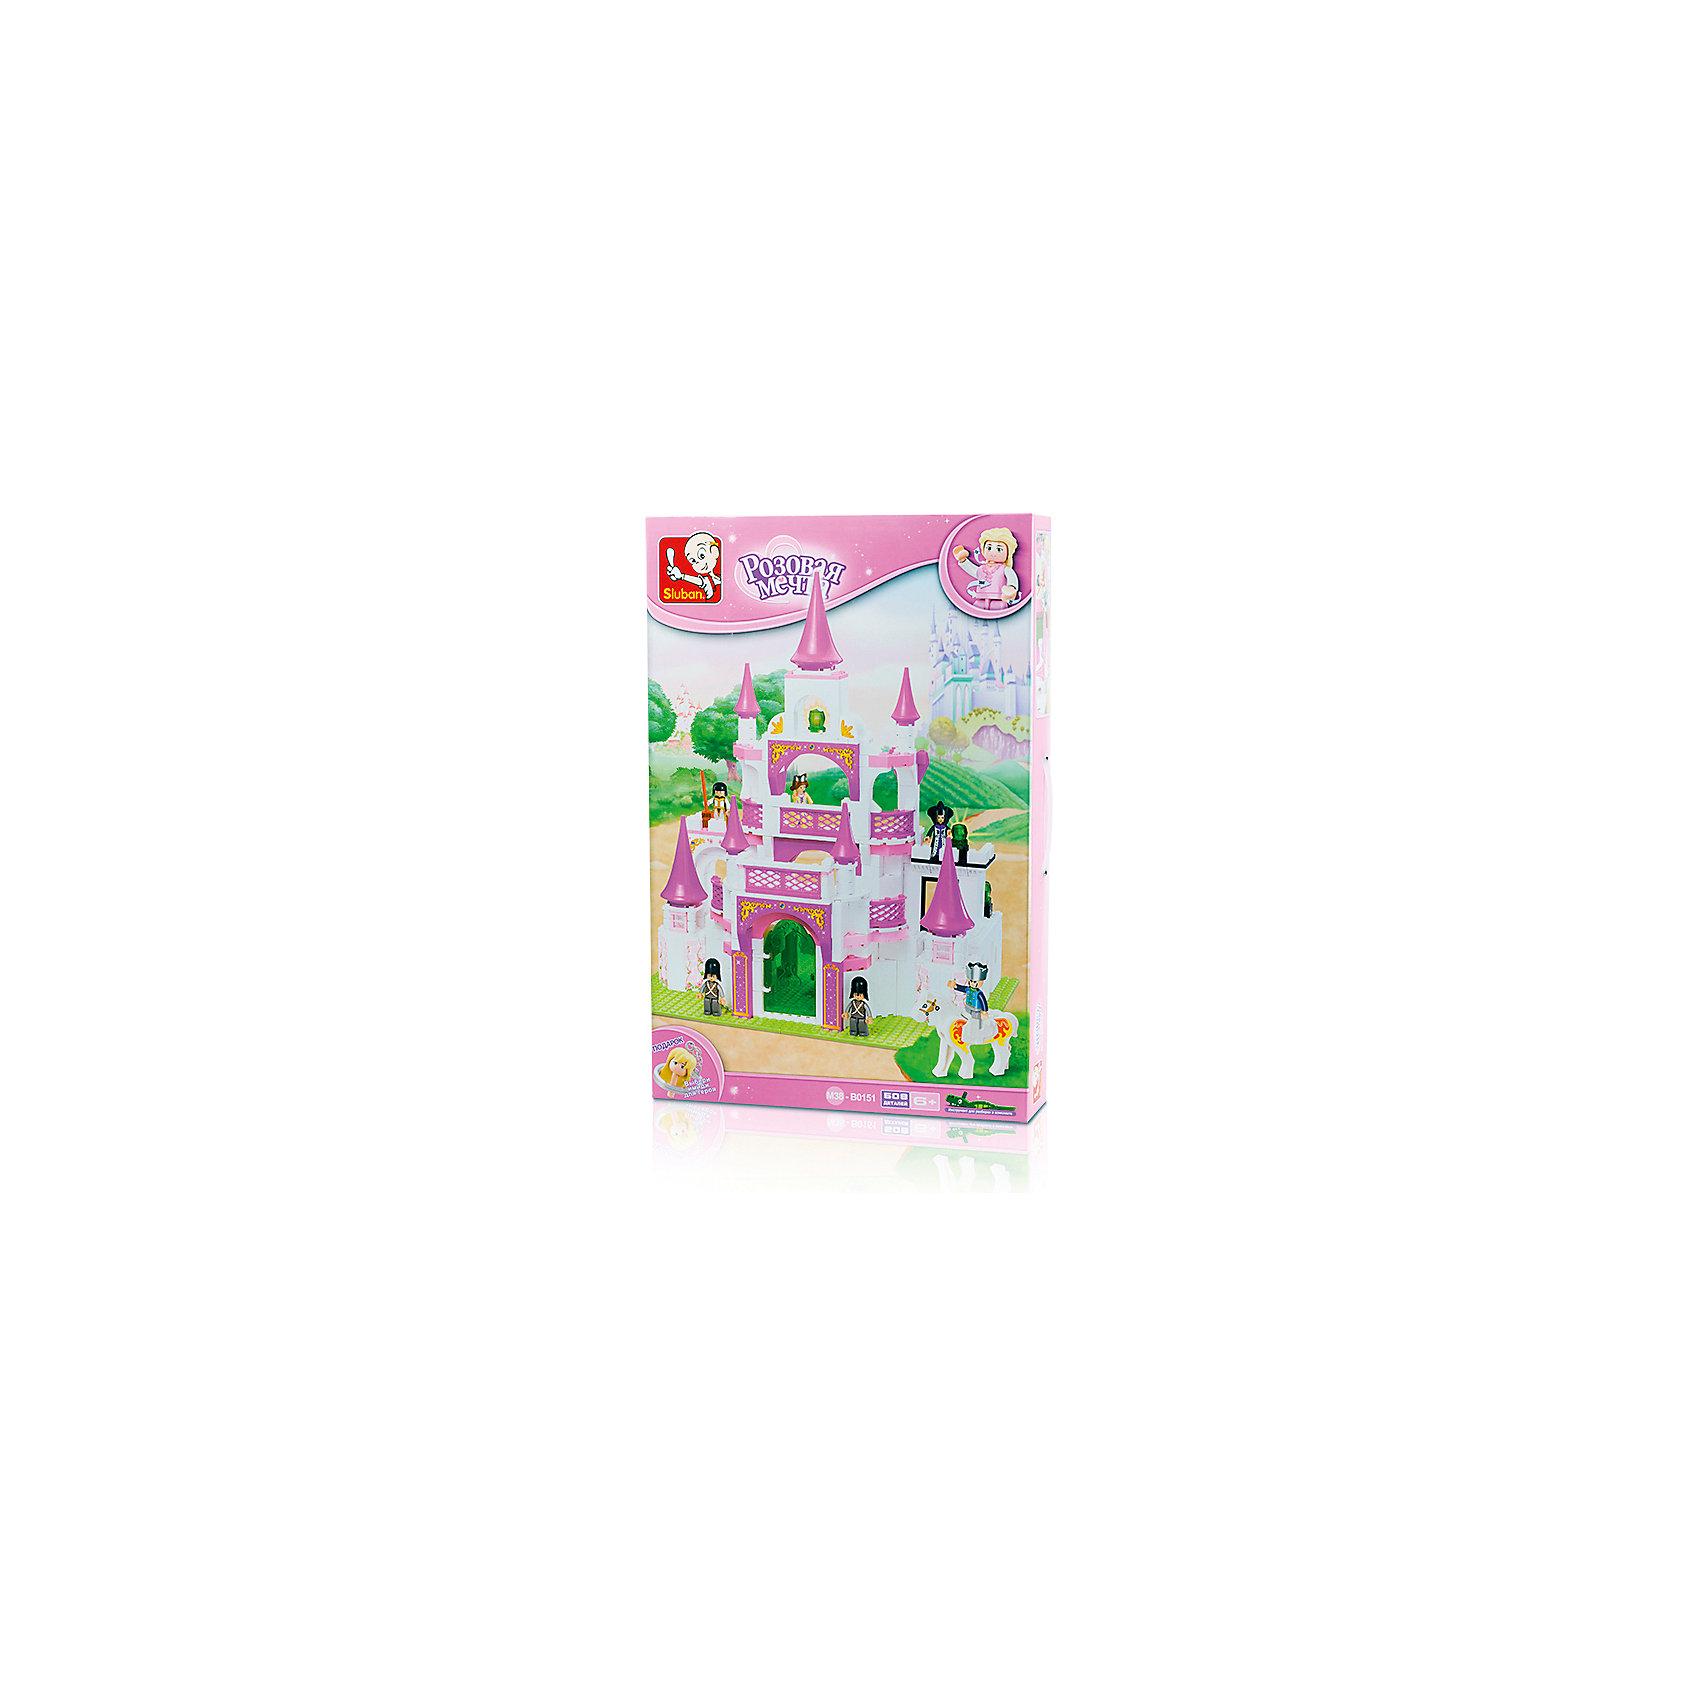 Конструктор Розовая мечта: Спасение принцессы, 508 деталей, SlubanПластмассовые конструкторы<br>Конструктор Розовая мечта: Спасение принцессы, 508 деталей, Sluban (Слубан)<br><br>Характеристики:<br><br>• возраст: от 6 лет<br>• замок<br>• количество деталей: 508<br>• количество фигурок: 6<br>• материал: пластик<br>• размер упаковки: 9х38х57 см<br>• вес: 1750 грамм<br><br>Конструктор Розовая мечта: Спасение принцессы - настоящий подарок для девочек. Он состоит из 508 деталей, собрав которые девочка увидит роскошный замок, достойный принцессы. В комплект входят 6 фигурок, с которыми можно придумать интересную игру. Игра с сюжетно-ролевым конструктором способствует развитию моторики рук, воображения и внимательности.<br><br>Конструктор Розовая мечта: Спасение принцессы, 508 деталей, Sluban (Слубан) вы можете купить в нашем интернет-магазине.<br><br>Ширина мм: 570<br>Глубина мм: 380<br>Высота мм: 90<br>Вес г: 1750<br>Возраст от месяцев: 72<br>Возраст до месяцев: 2147483647<br>Пол: Женский<br>Возраст: Детский<br>SKU: 5453784